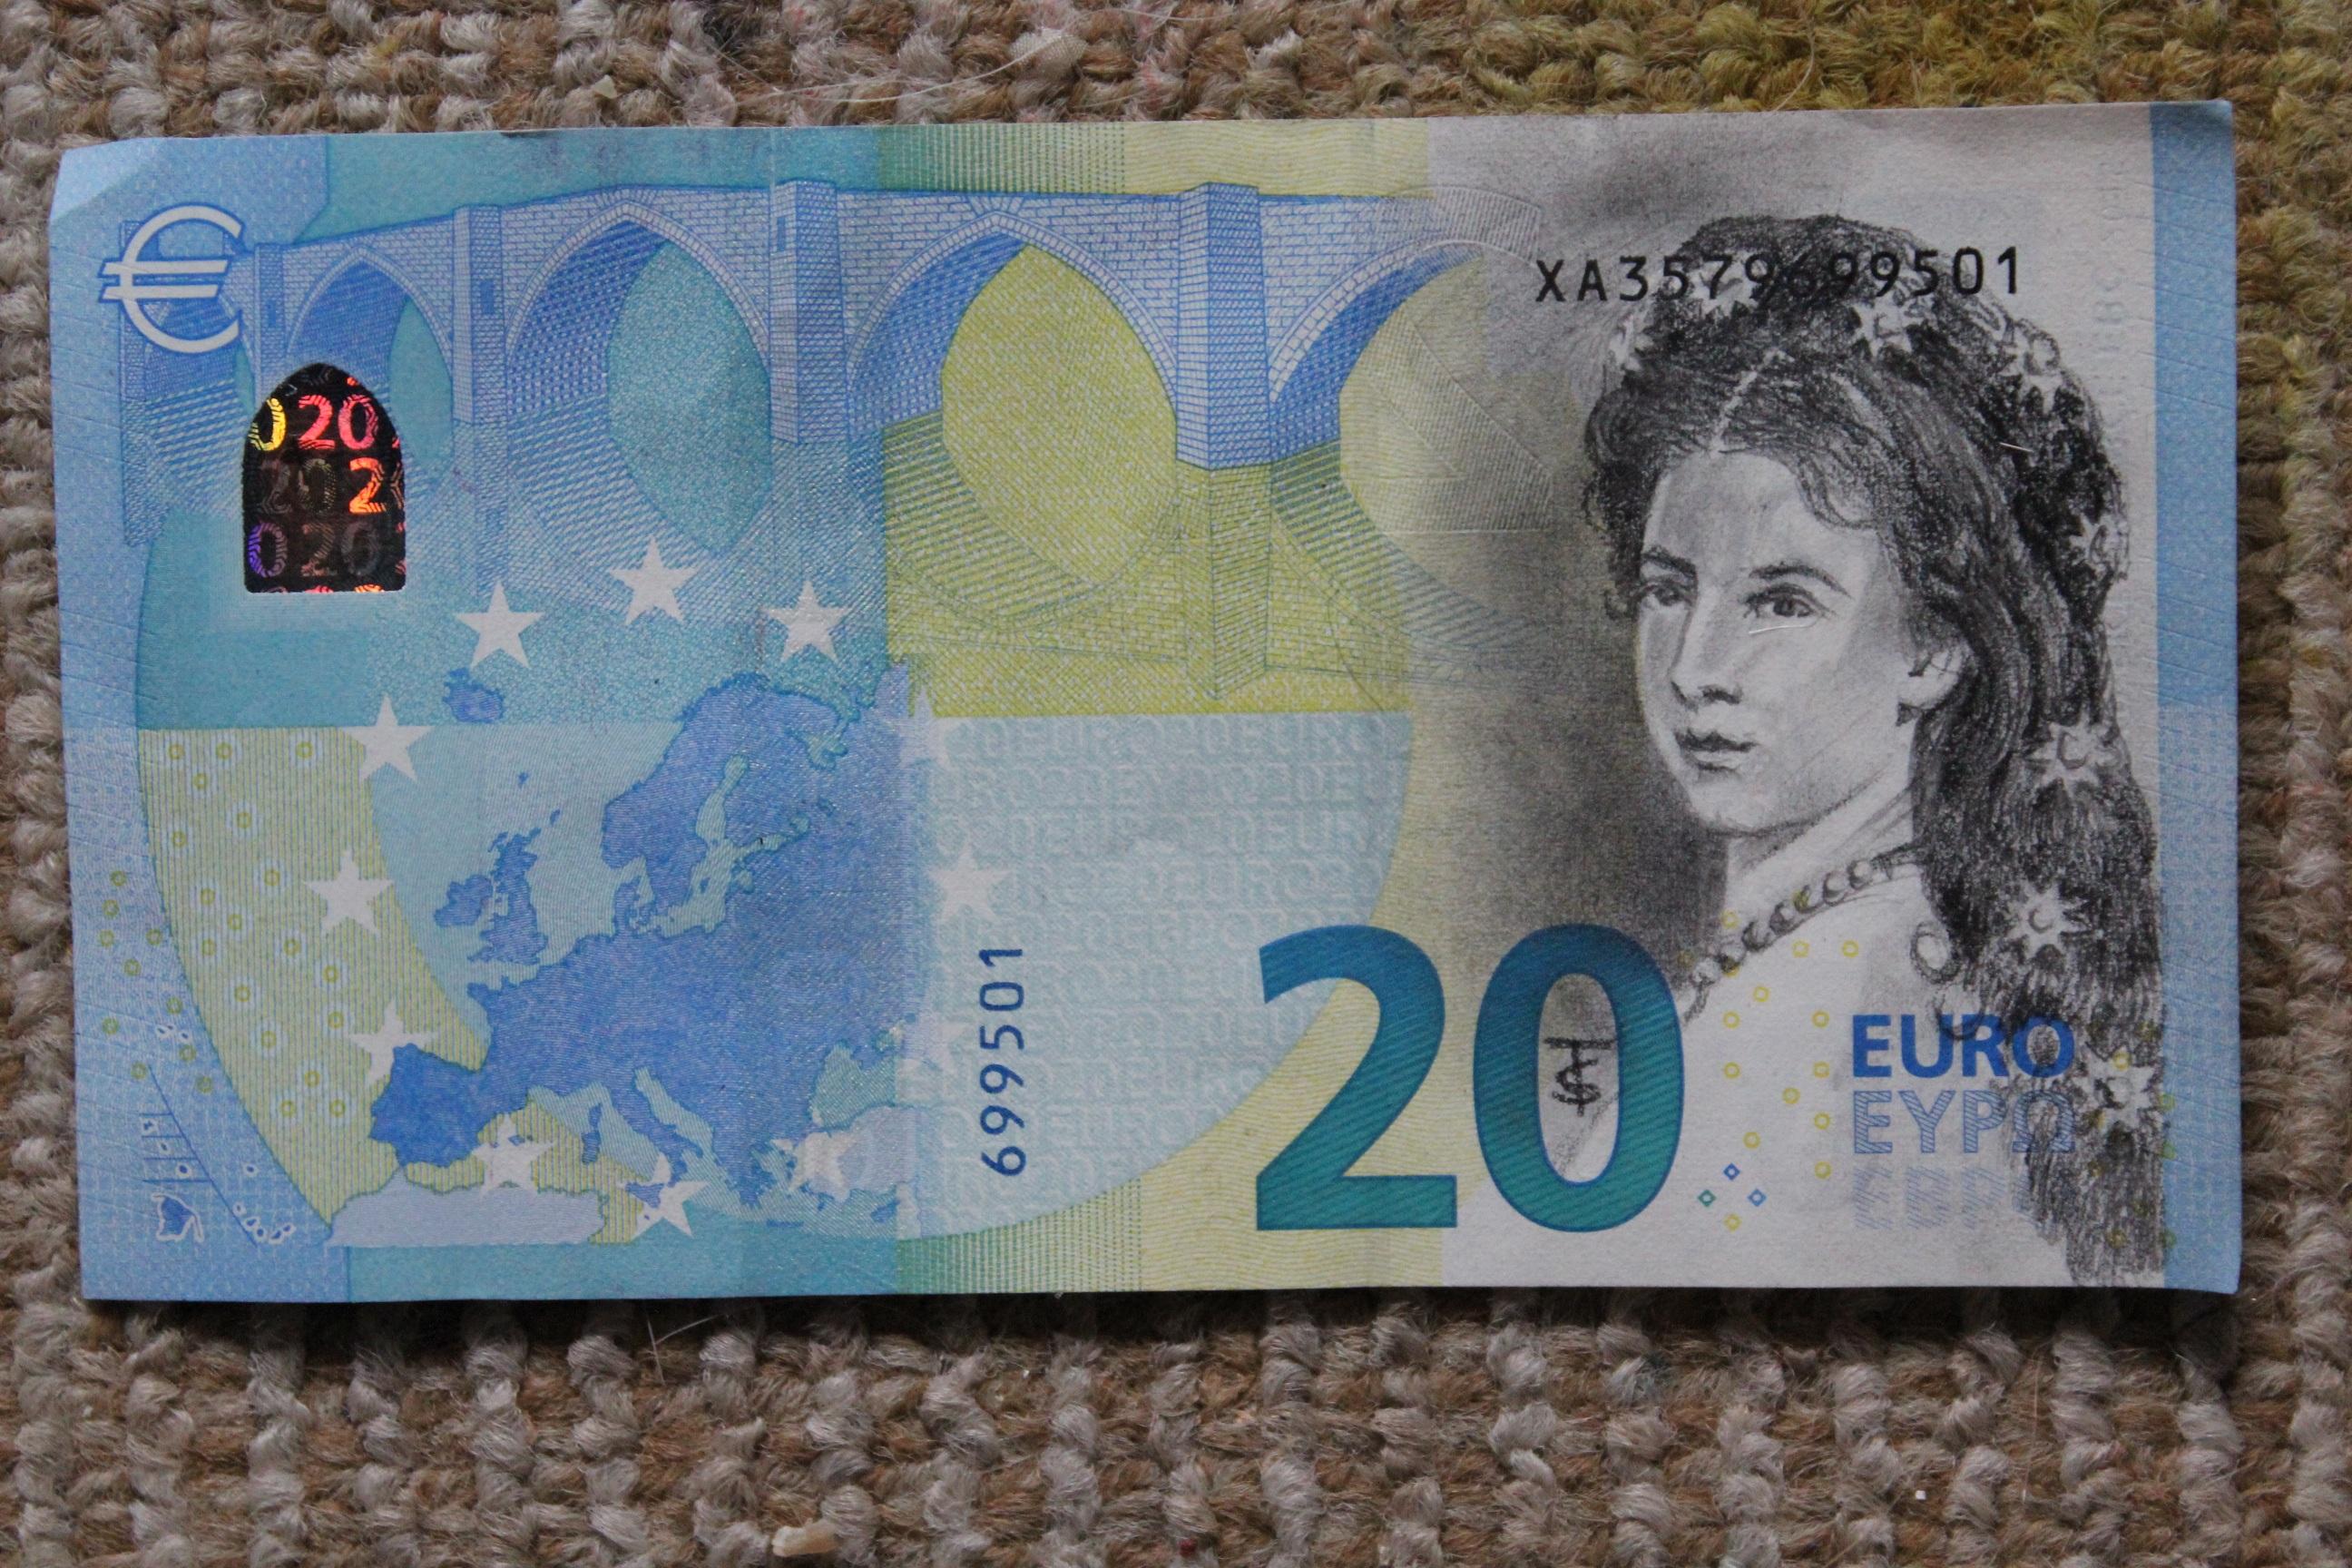 Bildet Penger Papir Materiale østerrike Kunst Valuta Seddel